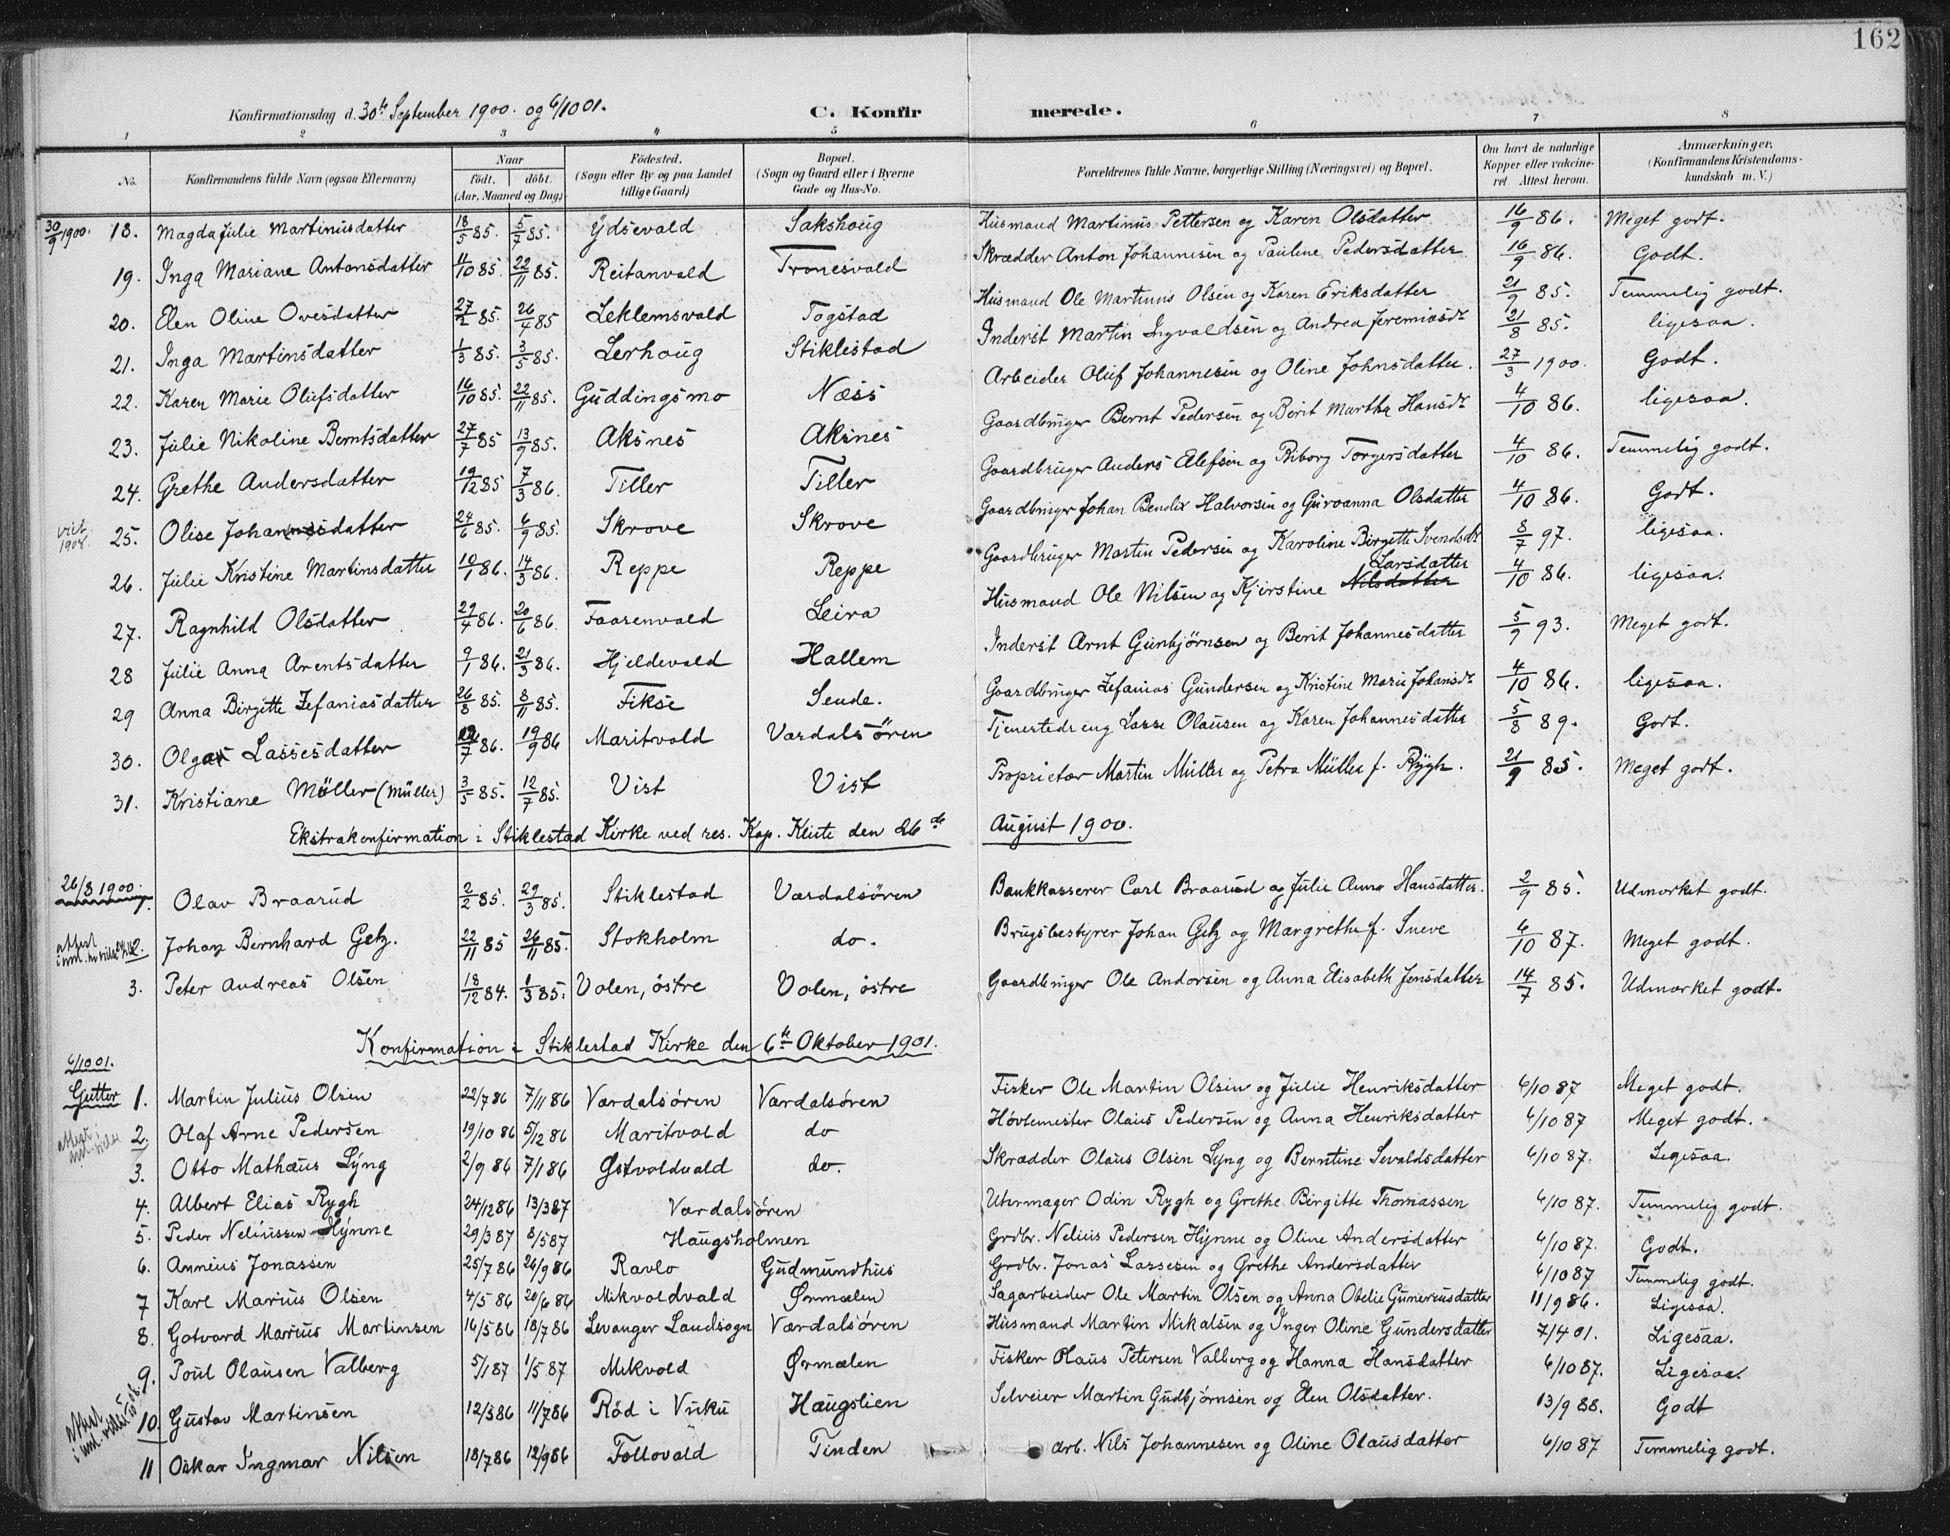 SAT, Ministerialprotokoller, klokkerbøker og fødselsregistre - Nord-Trøndelag, 723/L0246: Ministerialbok nr. 723A15, 1900-1917, s. 162